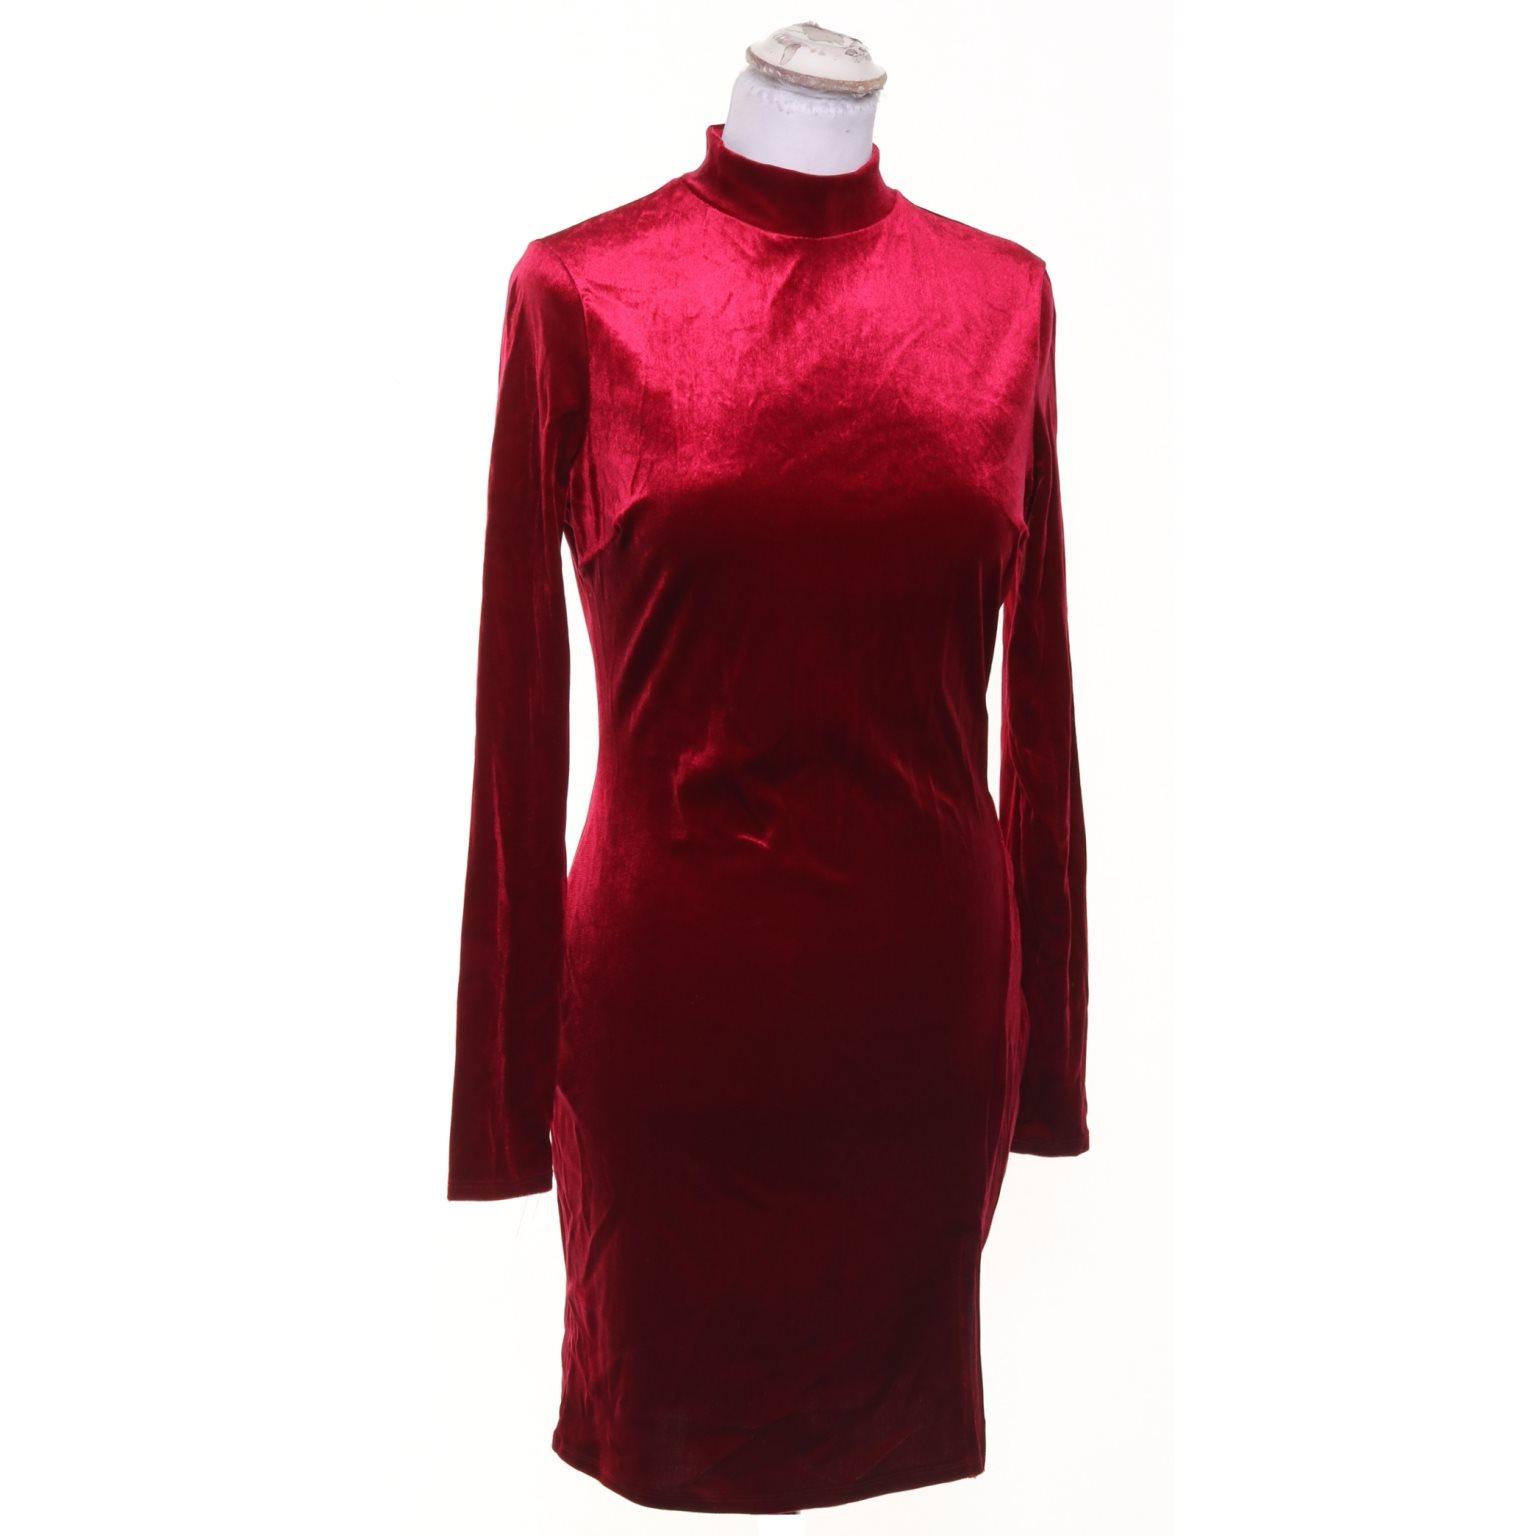 röd klänning sammet